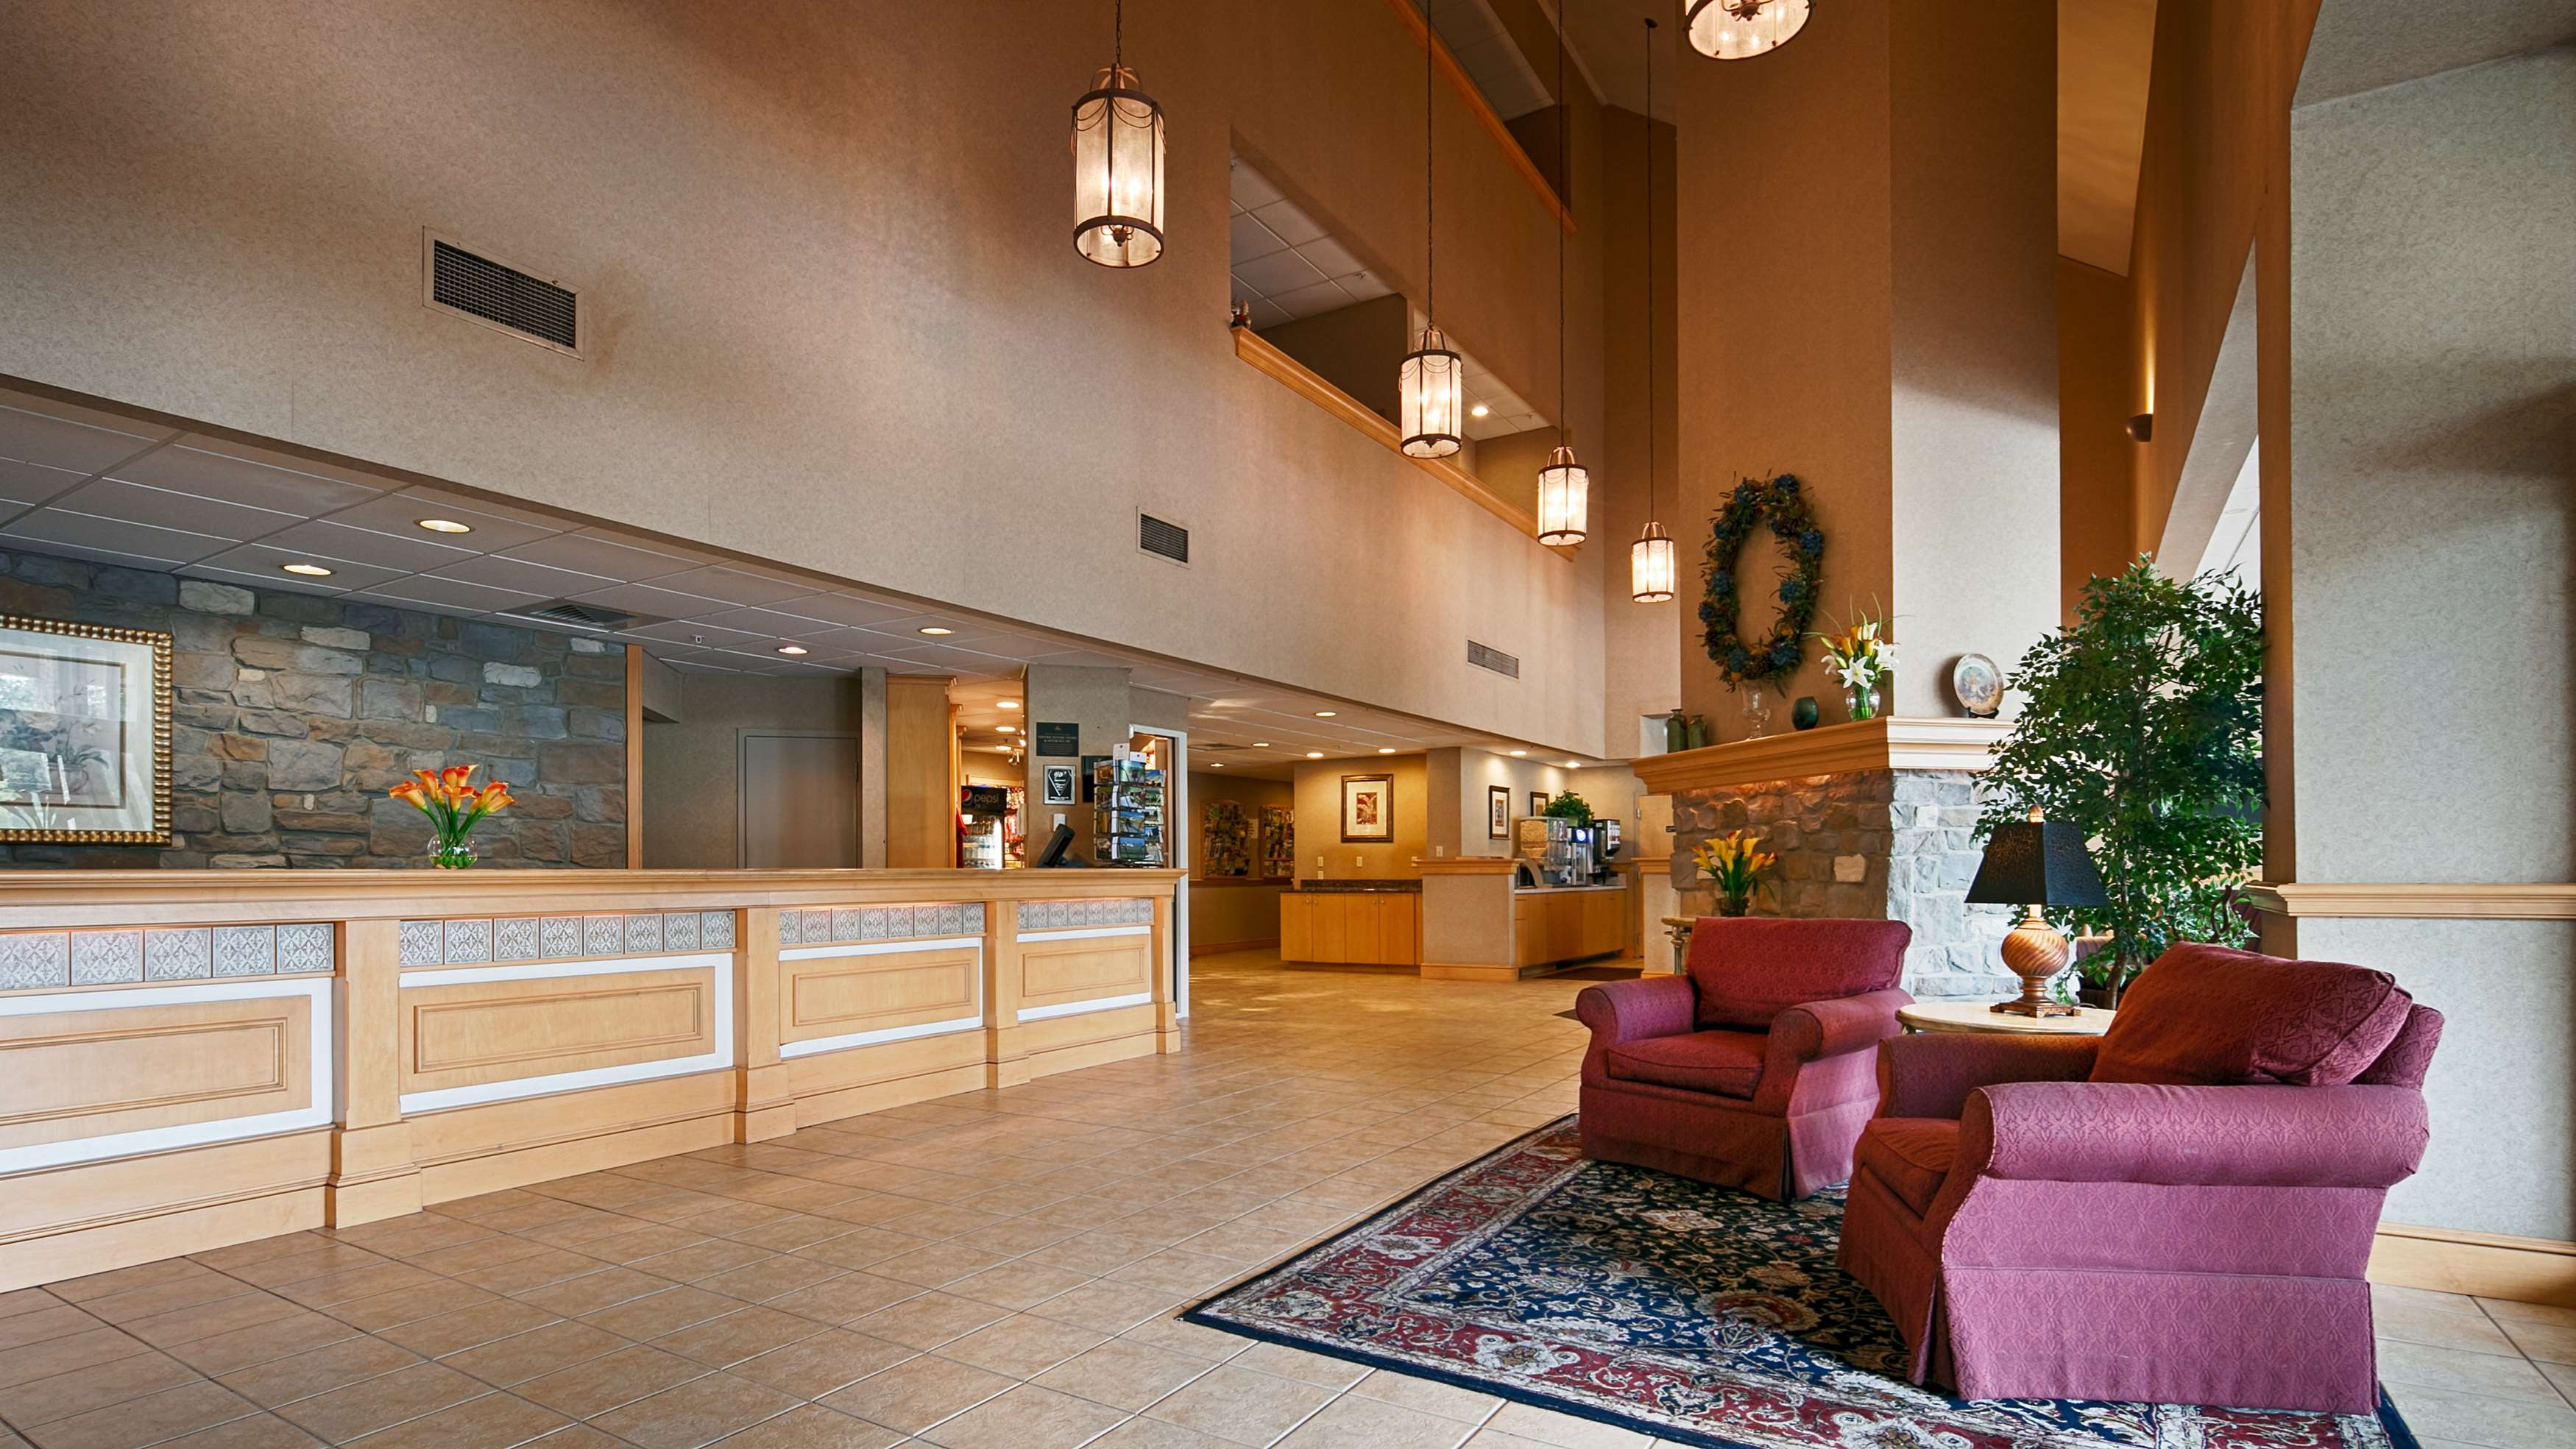 Best Western Plus Revere Inn & Suites image 1